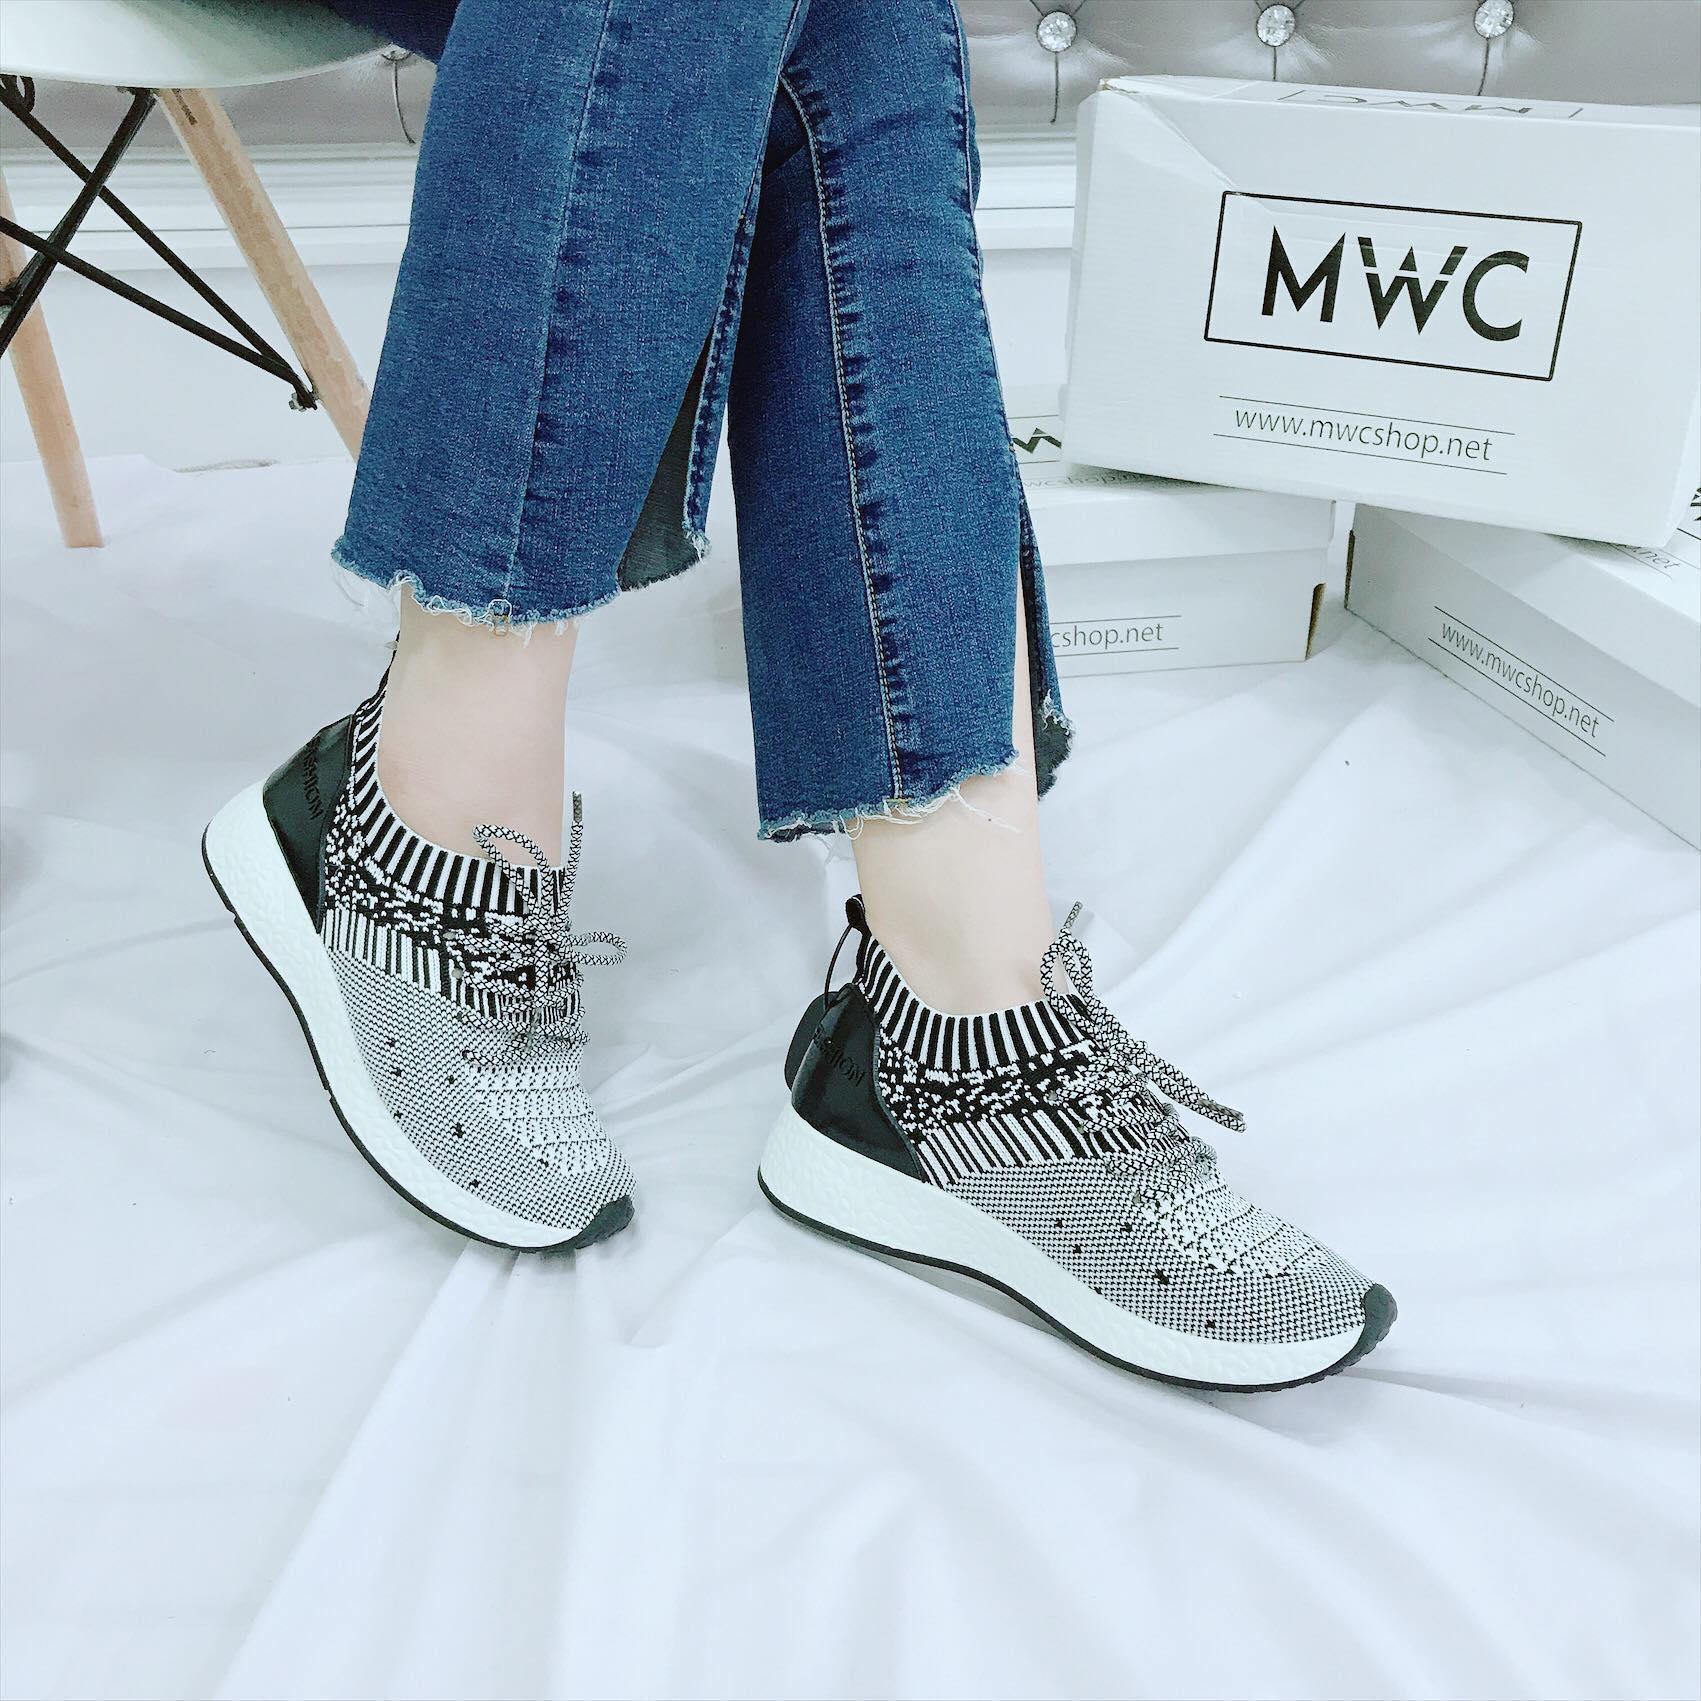 Giày thể thao nữ MWC NUTT- 0184 - XÁM